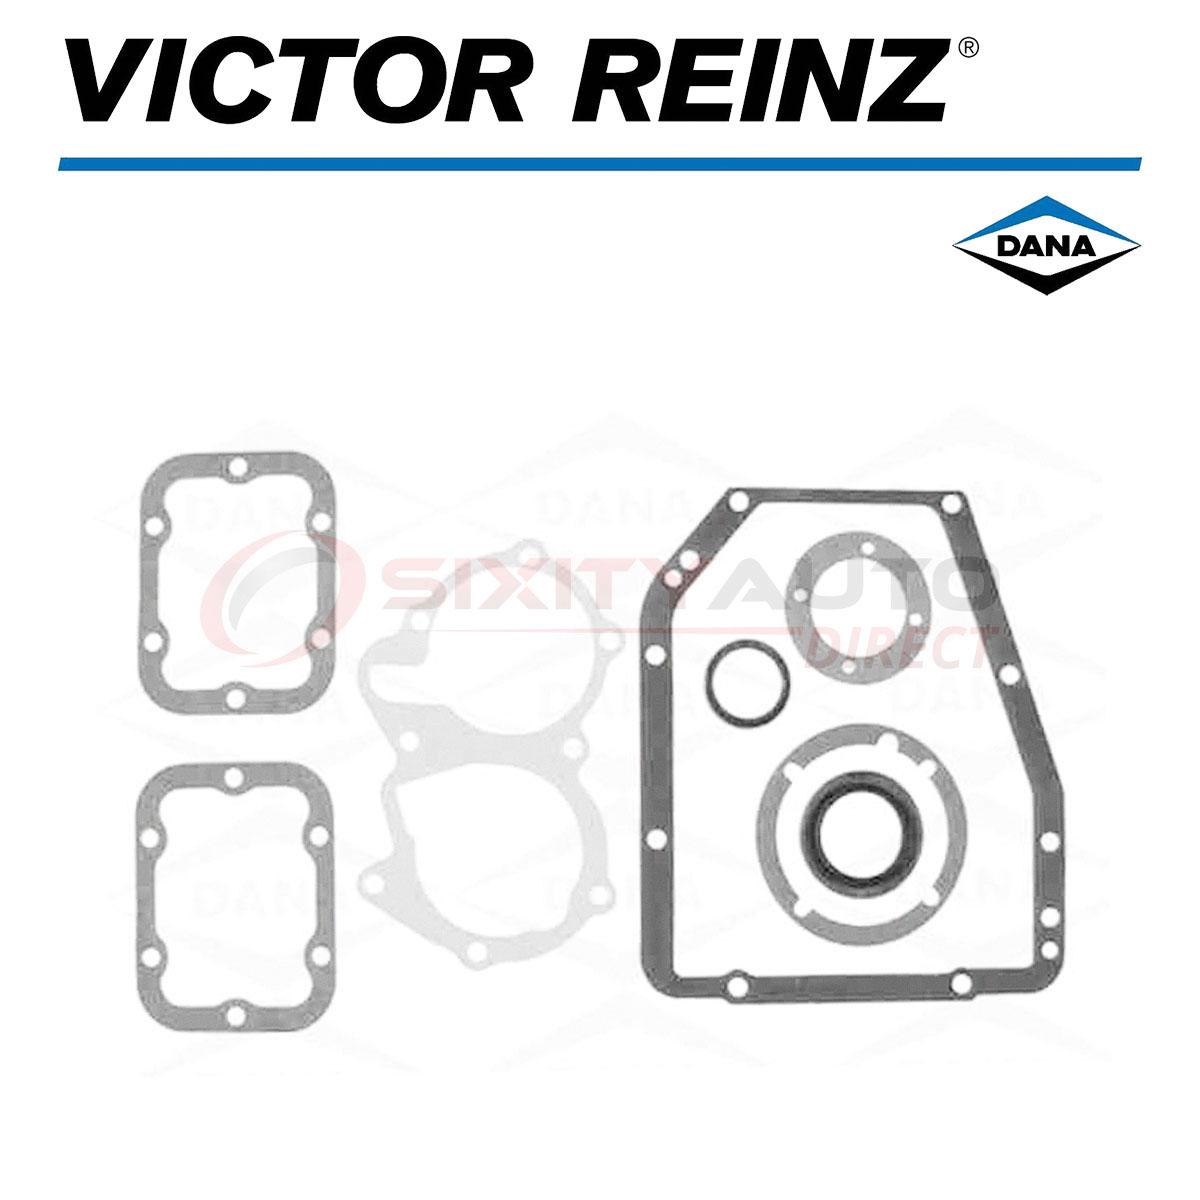 Victor Reinz Manual Transmission Gasket Set for 1975-1980